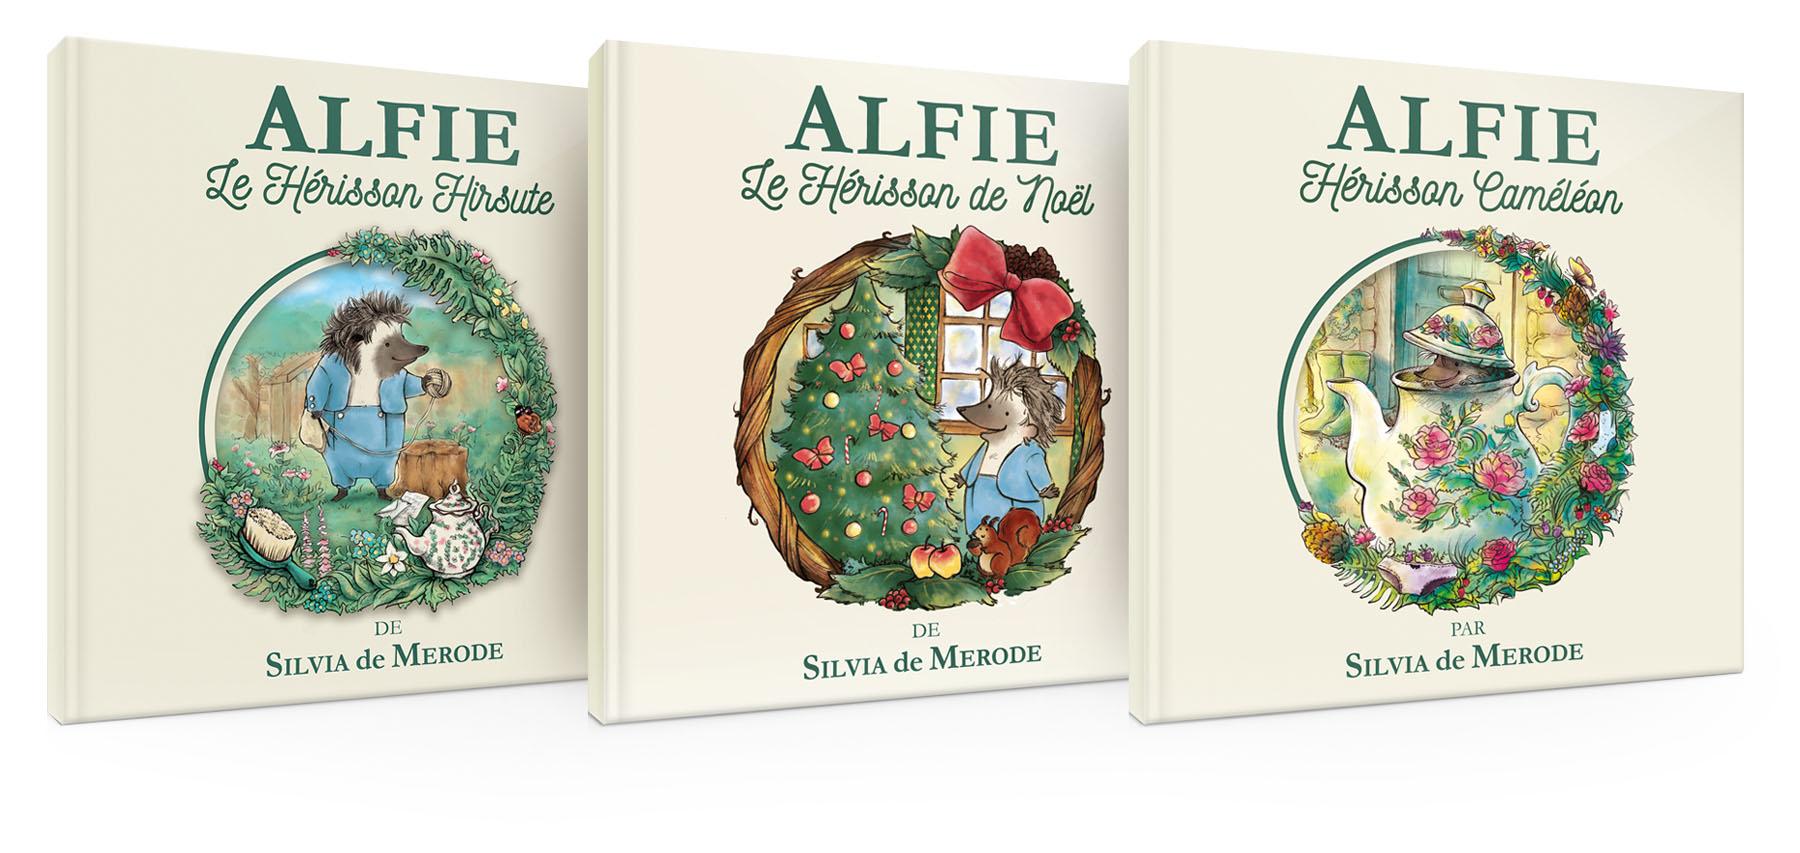 Alfie-childrens-illustration copia